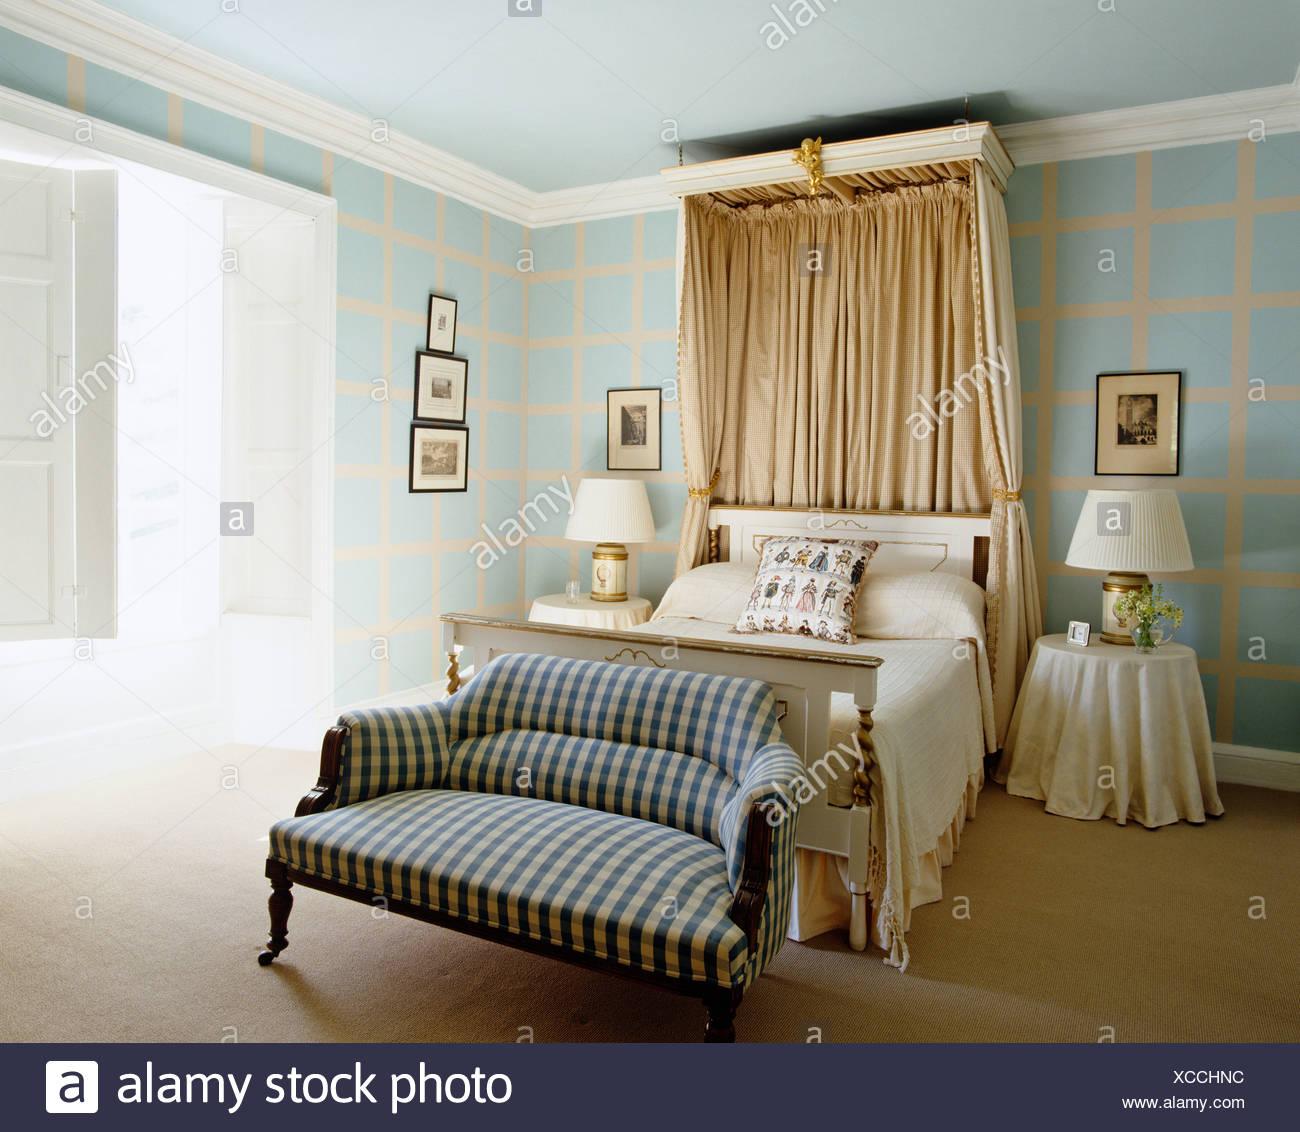 Beige Seide Vorhänge am Baldachin über dem Bett im blassen Türkis ...